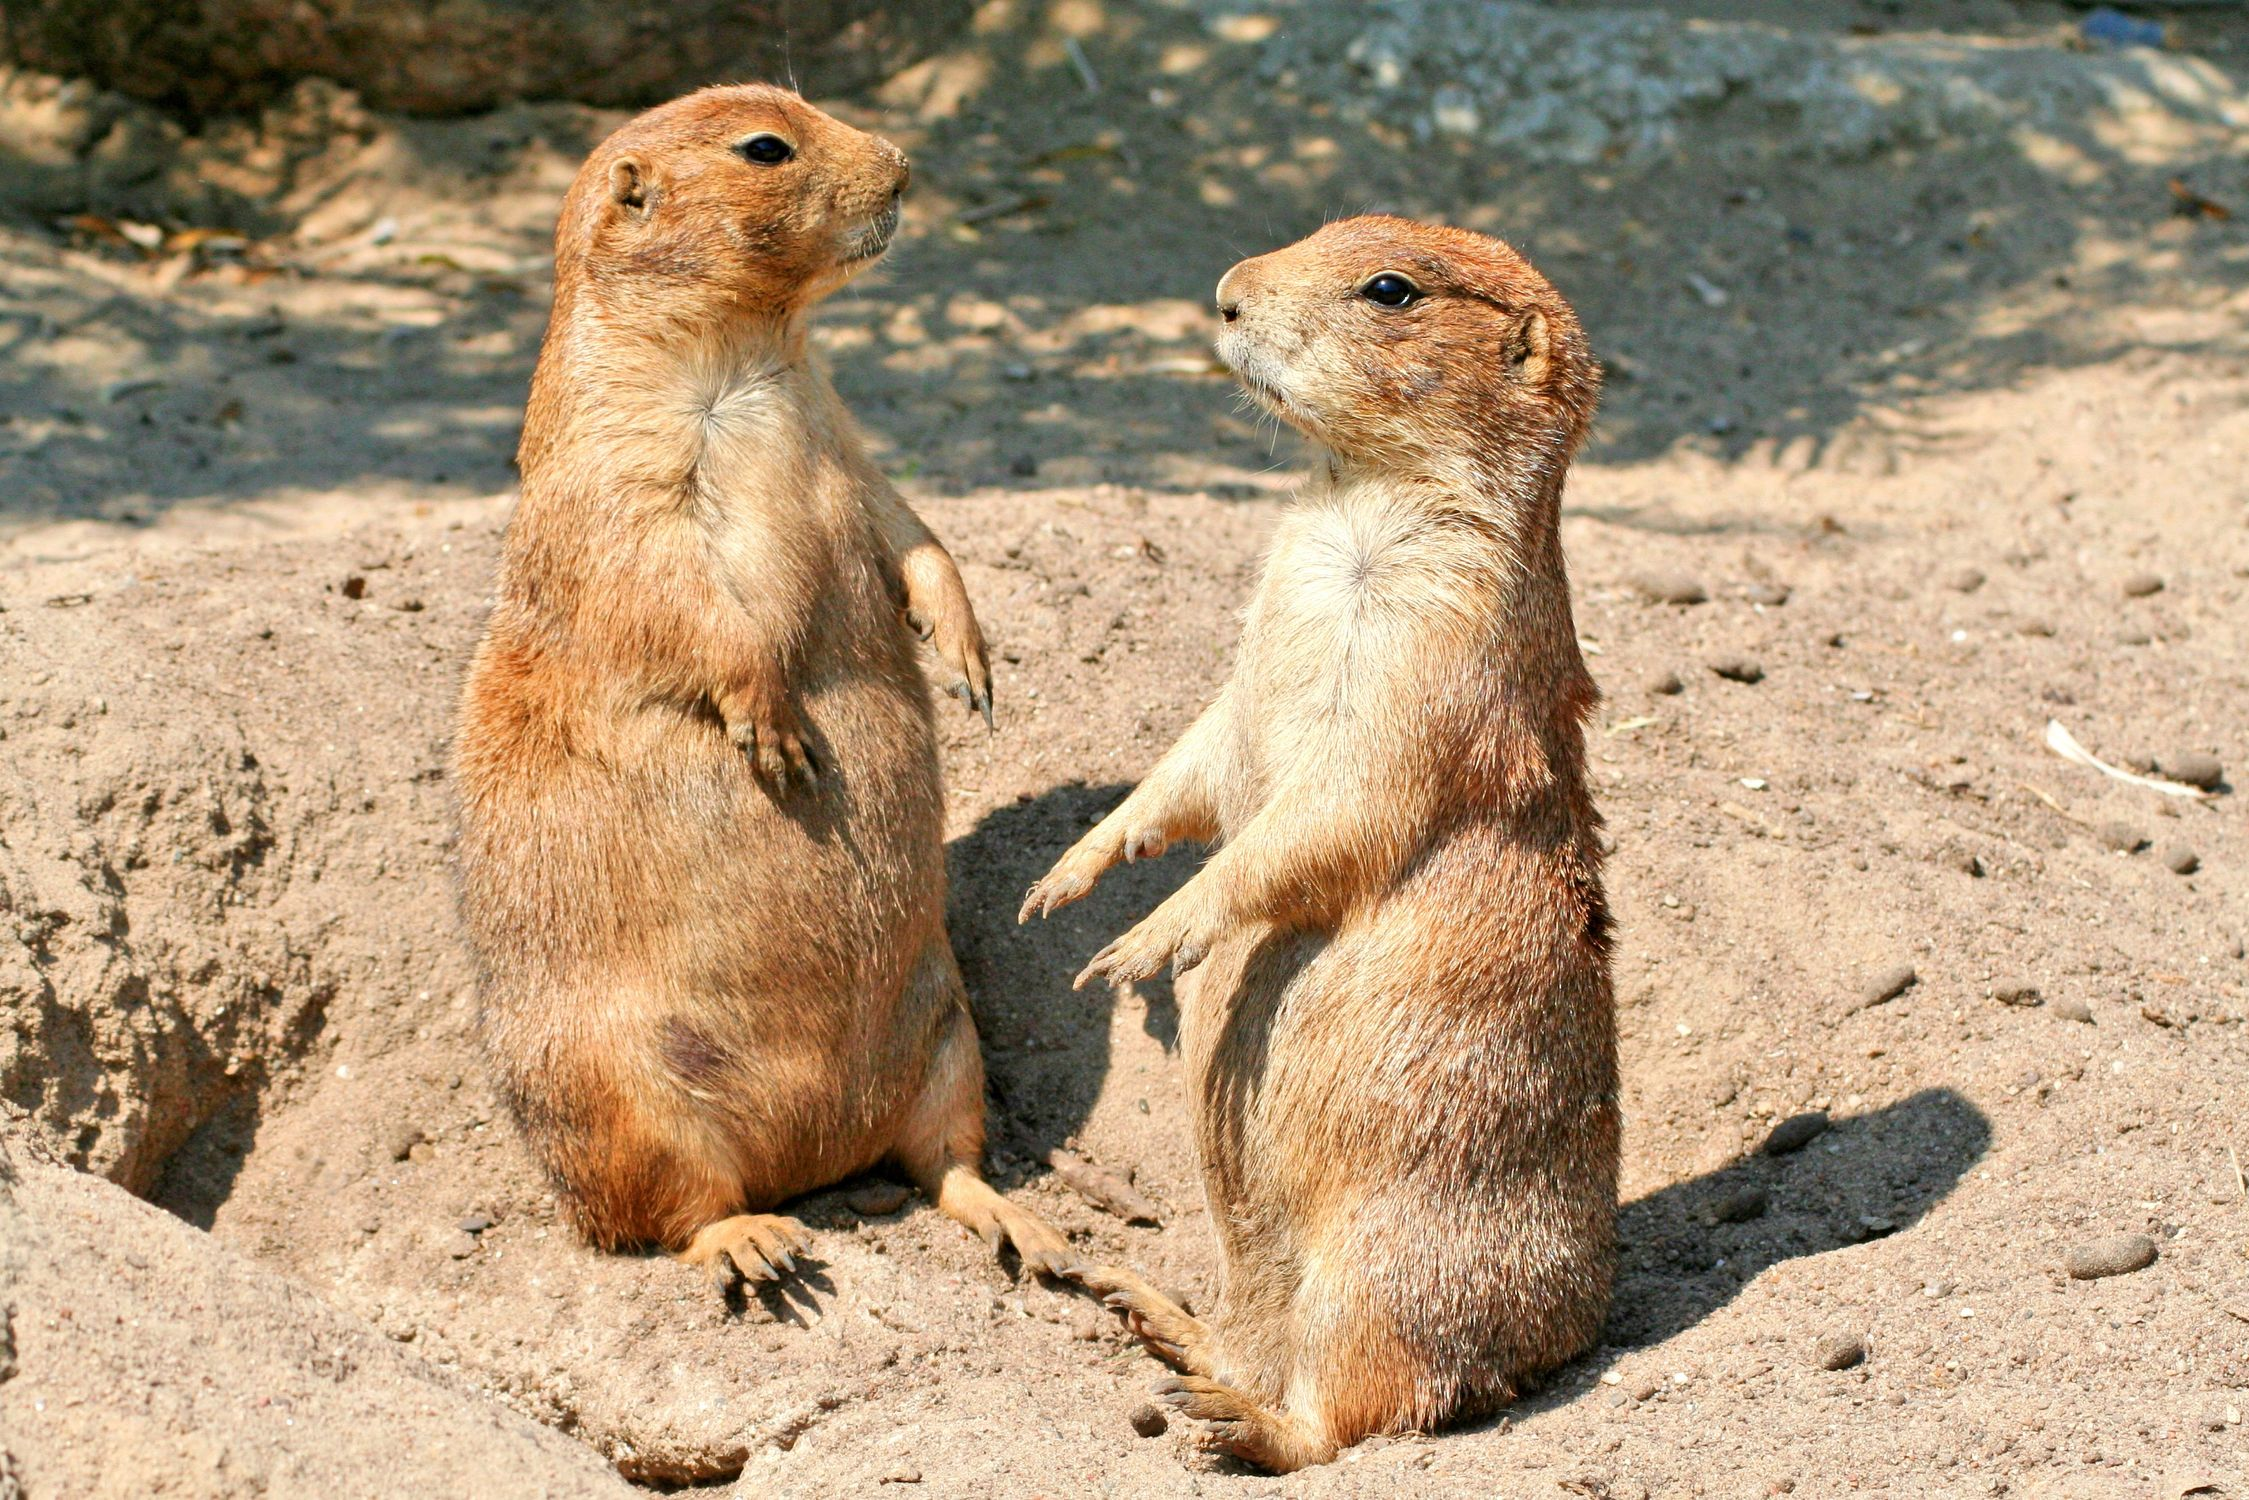 Bild mit Tiere, Säugetiere, Nagetiere, Ratten, Taschenratten, Hörnchen, Erdhörnchen